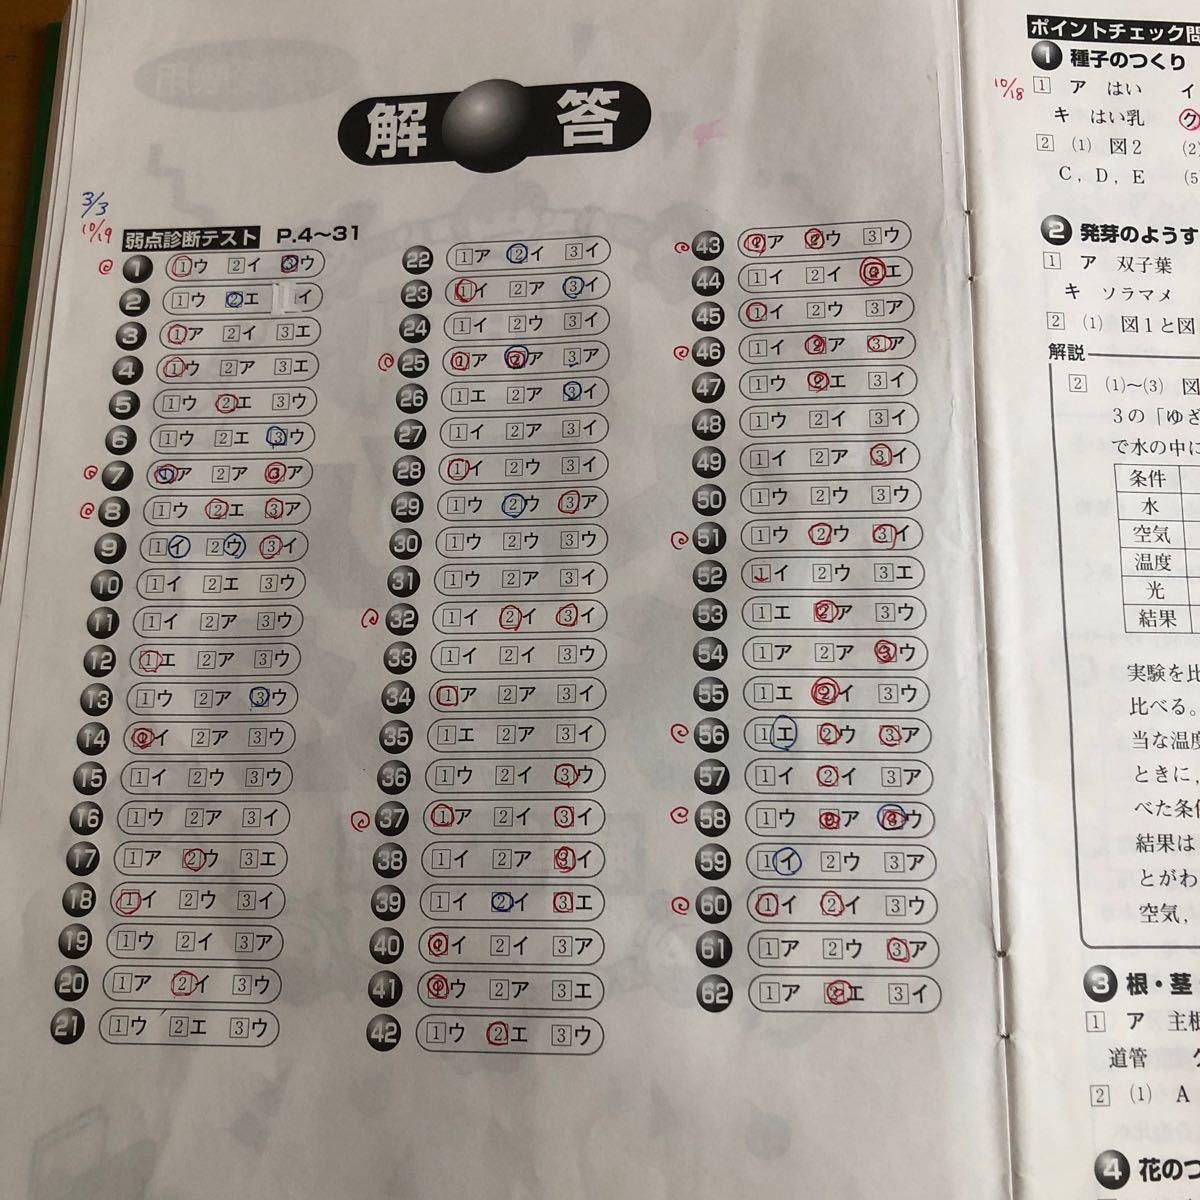 理科メモリーチェック 社会メモリーチェック 中学受験用